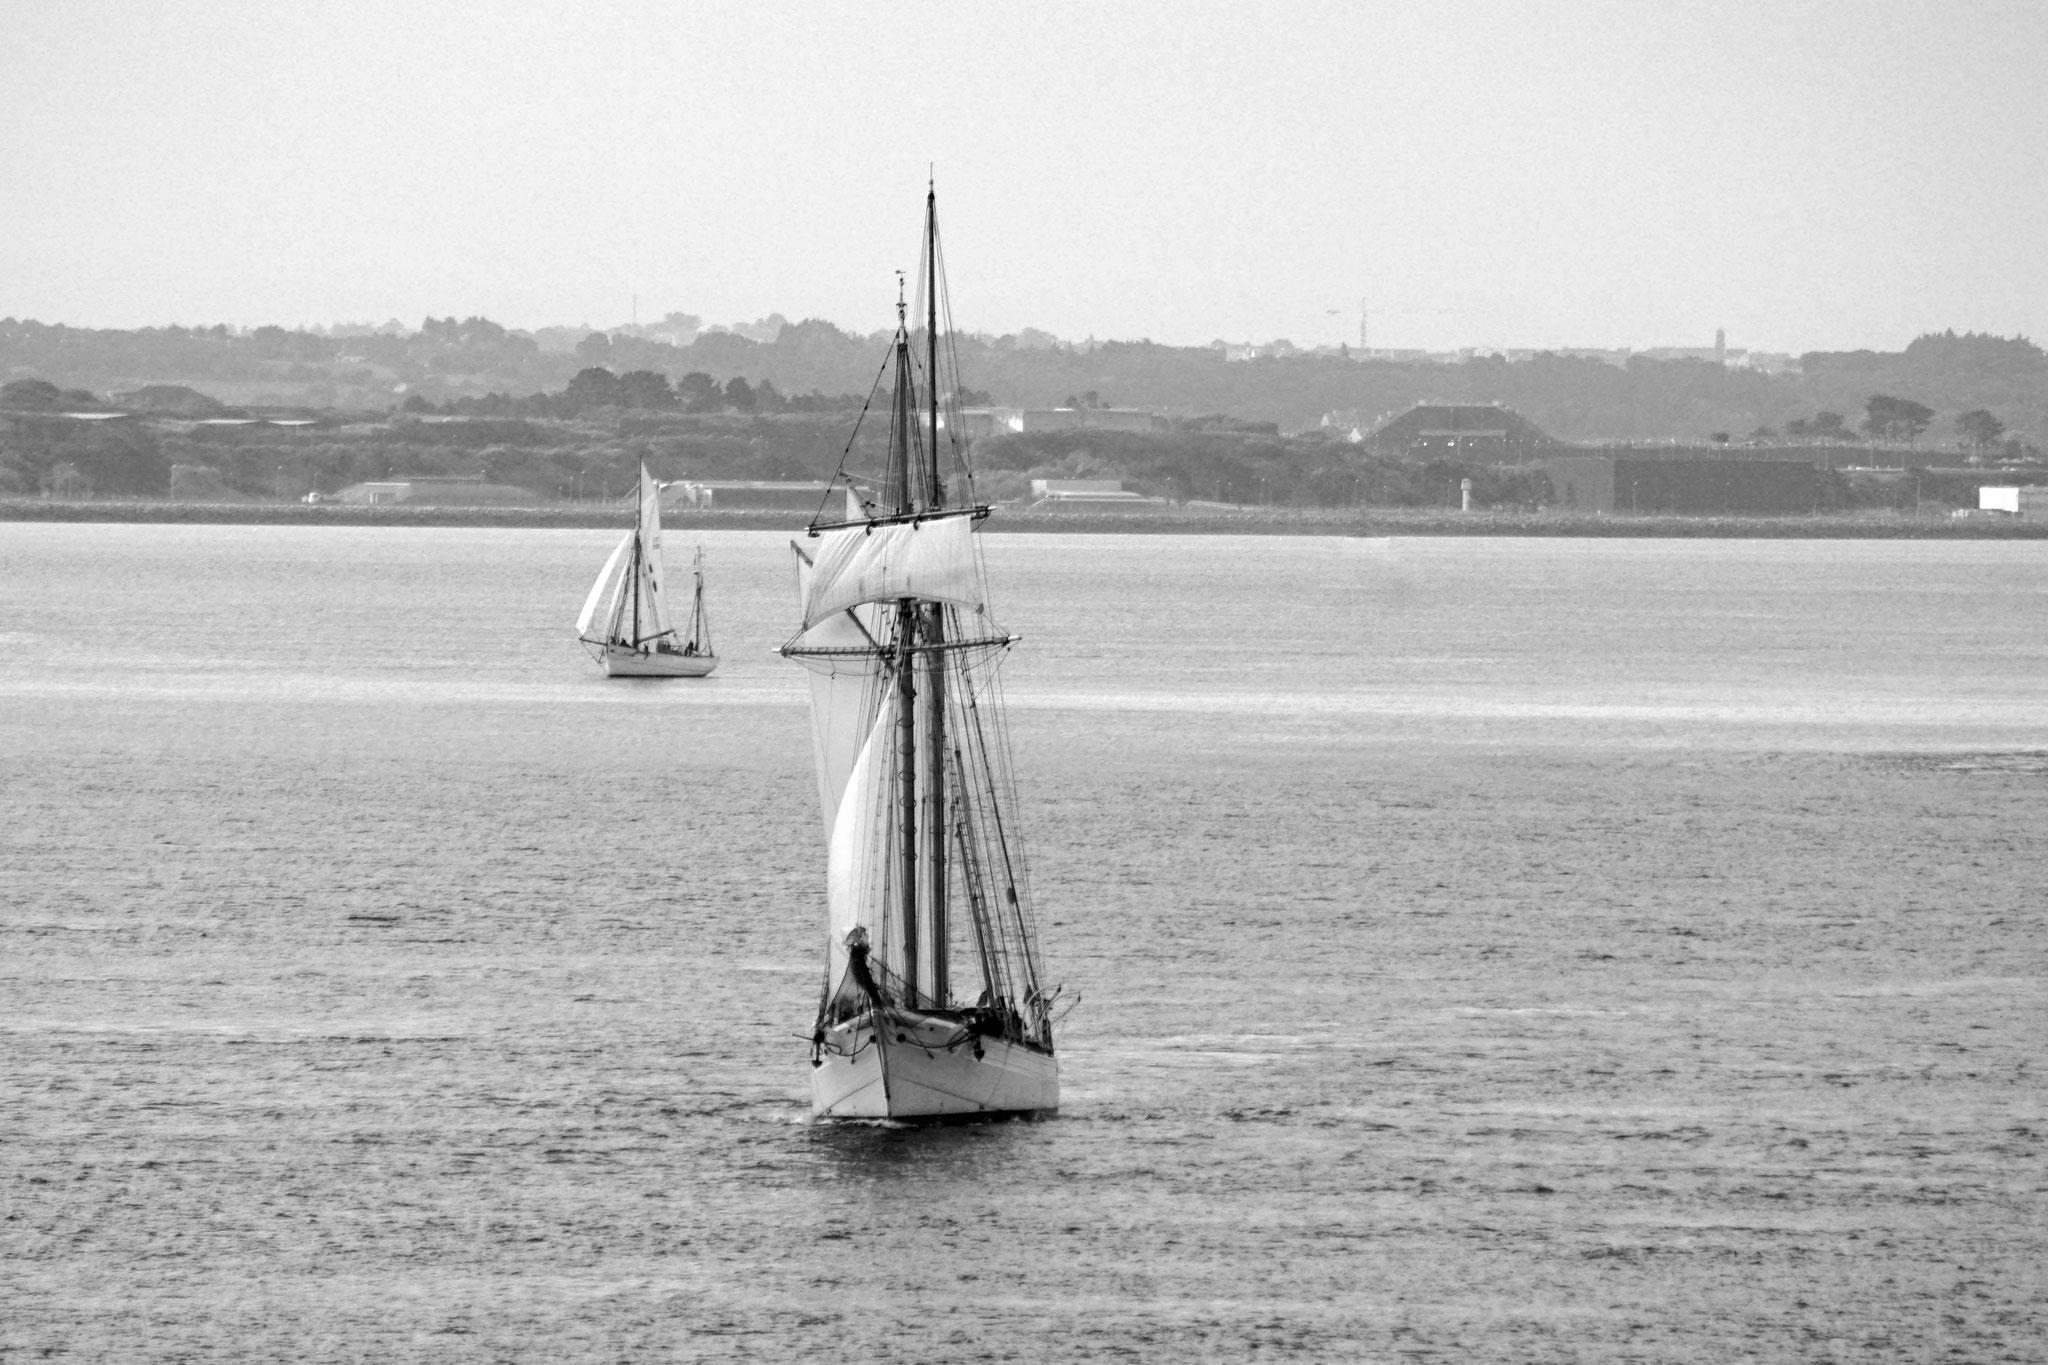 La Belle Poule et le Mutin en rade de Brest, en Septembre 2017